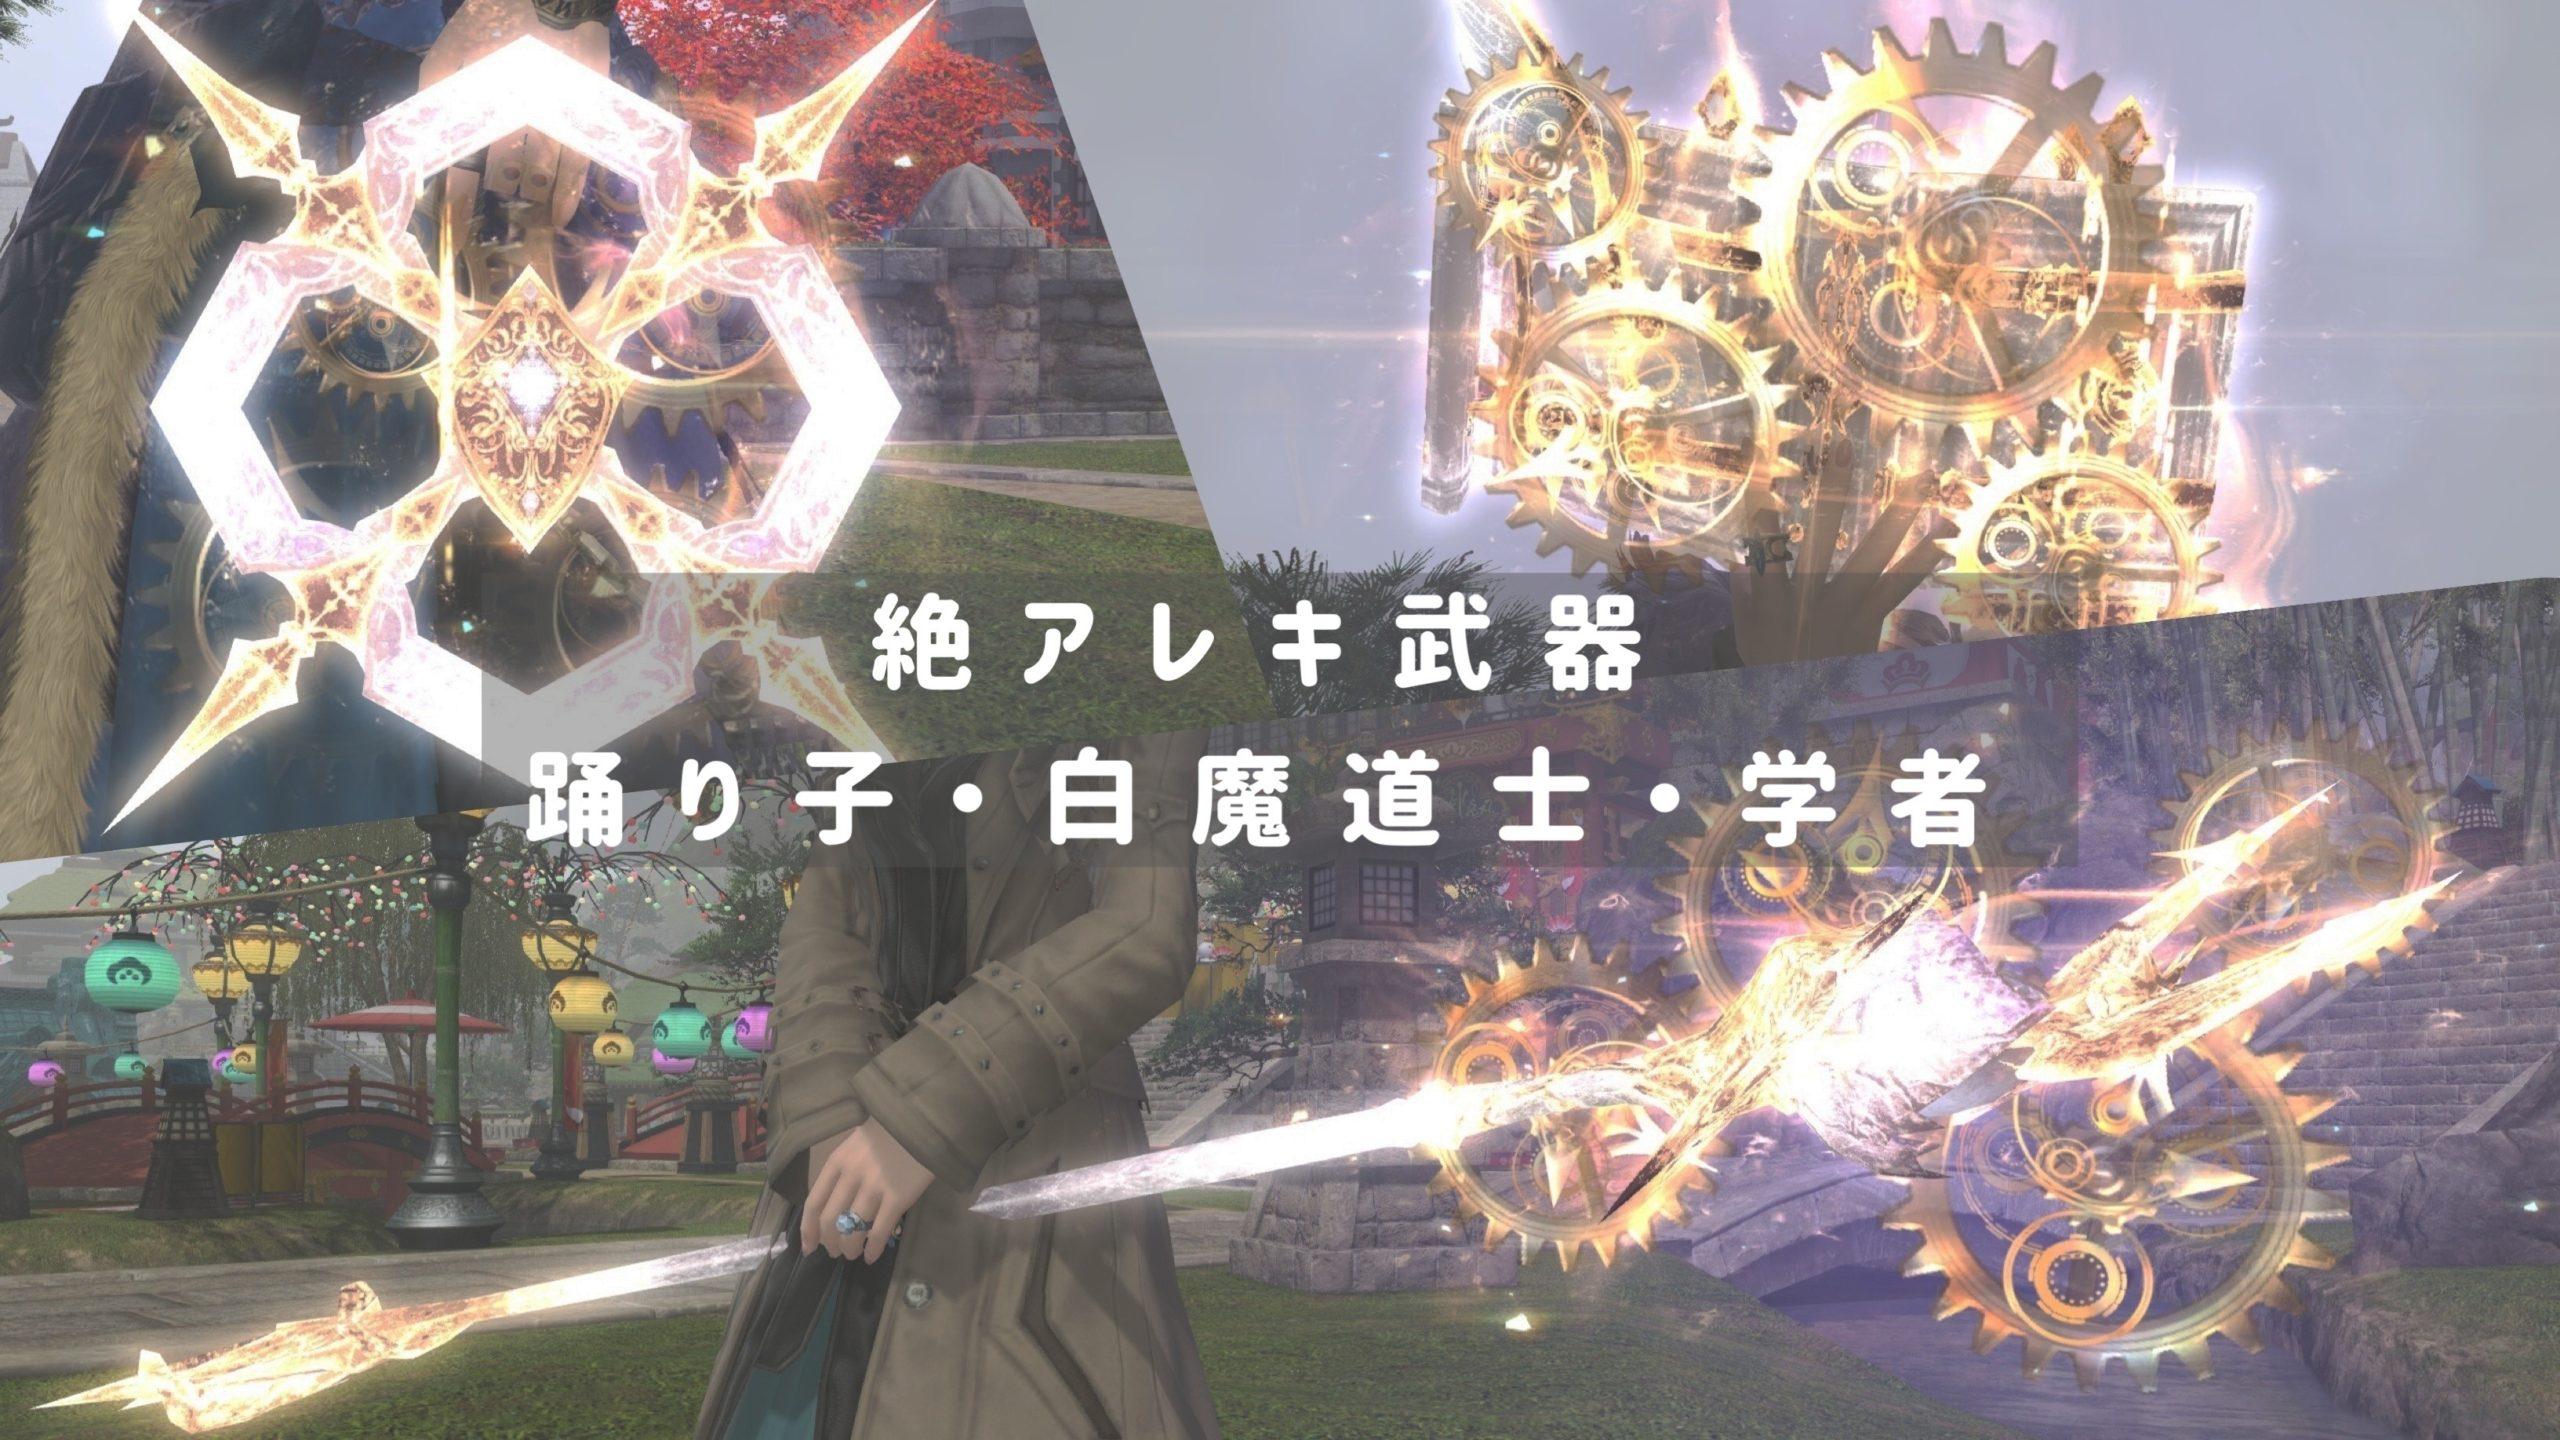 【FF14】絶アレキ武器(踊り子・白魔導士・学者)